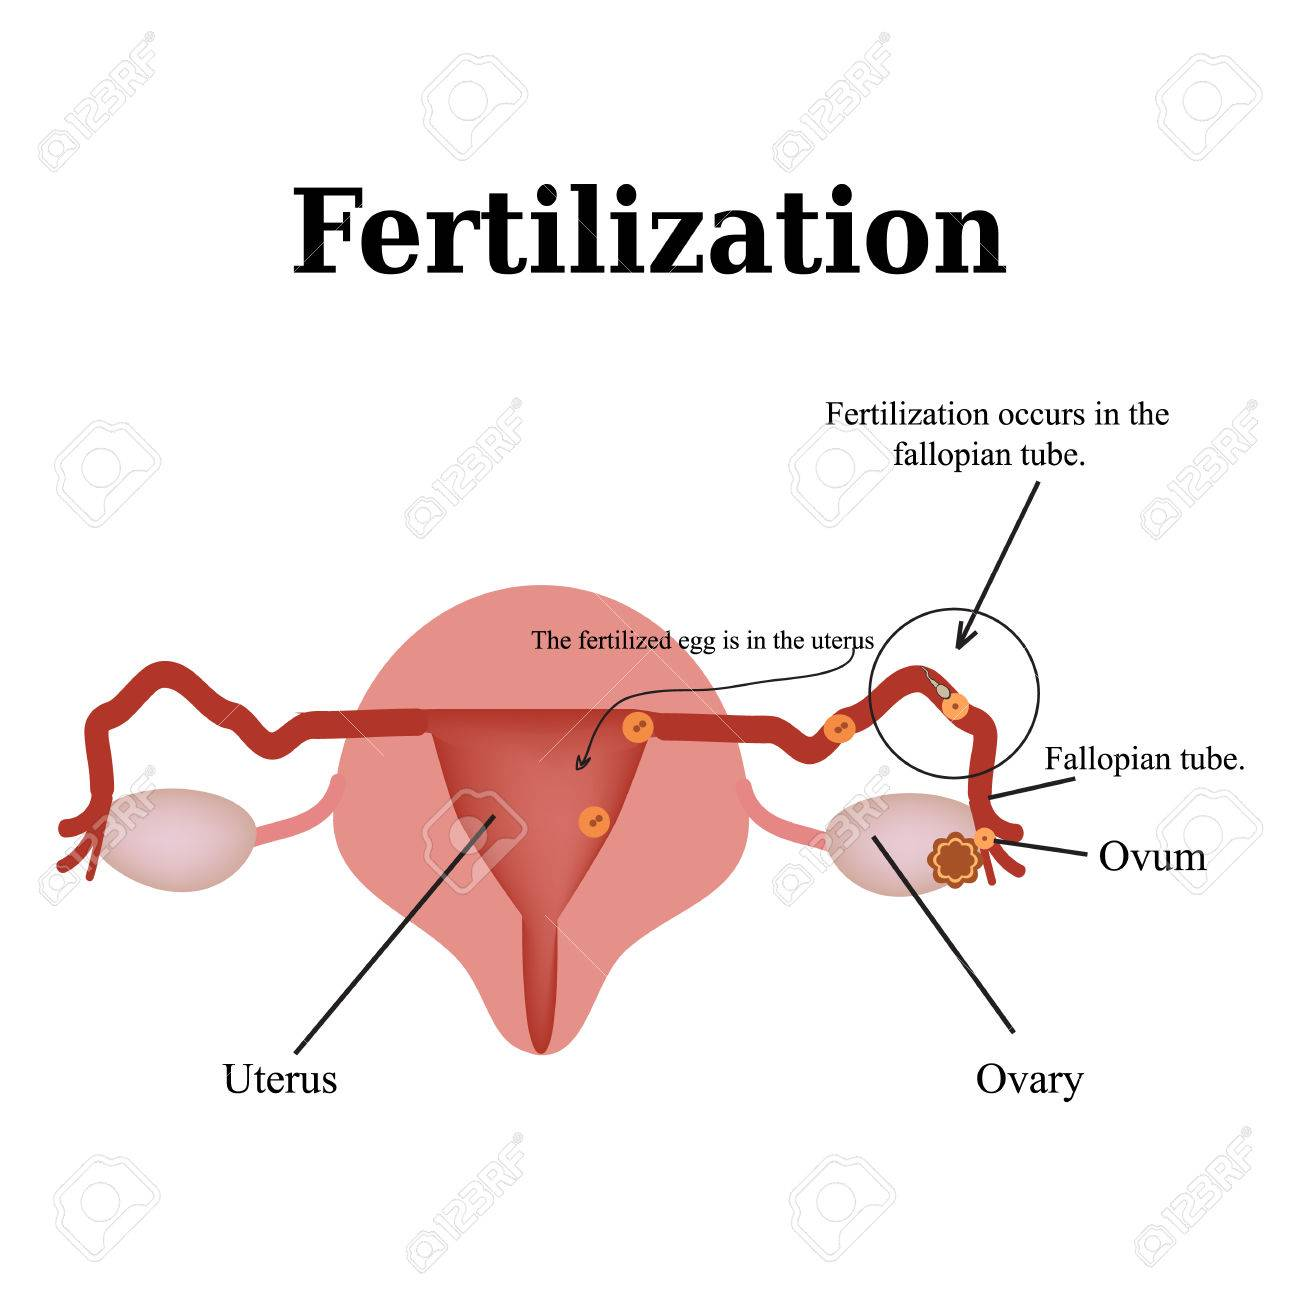 Diagrama De La Estructura De Los órganos Pélvicos. La Fertilización ...